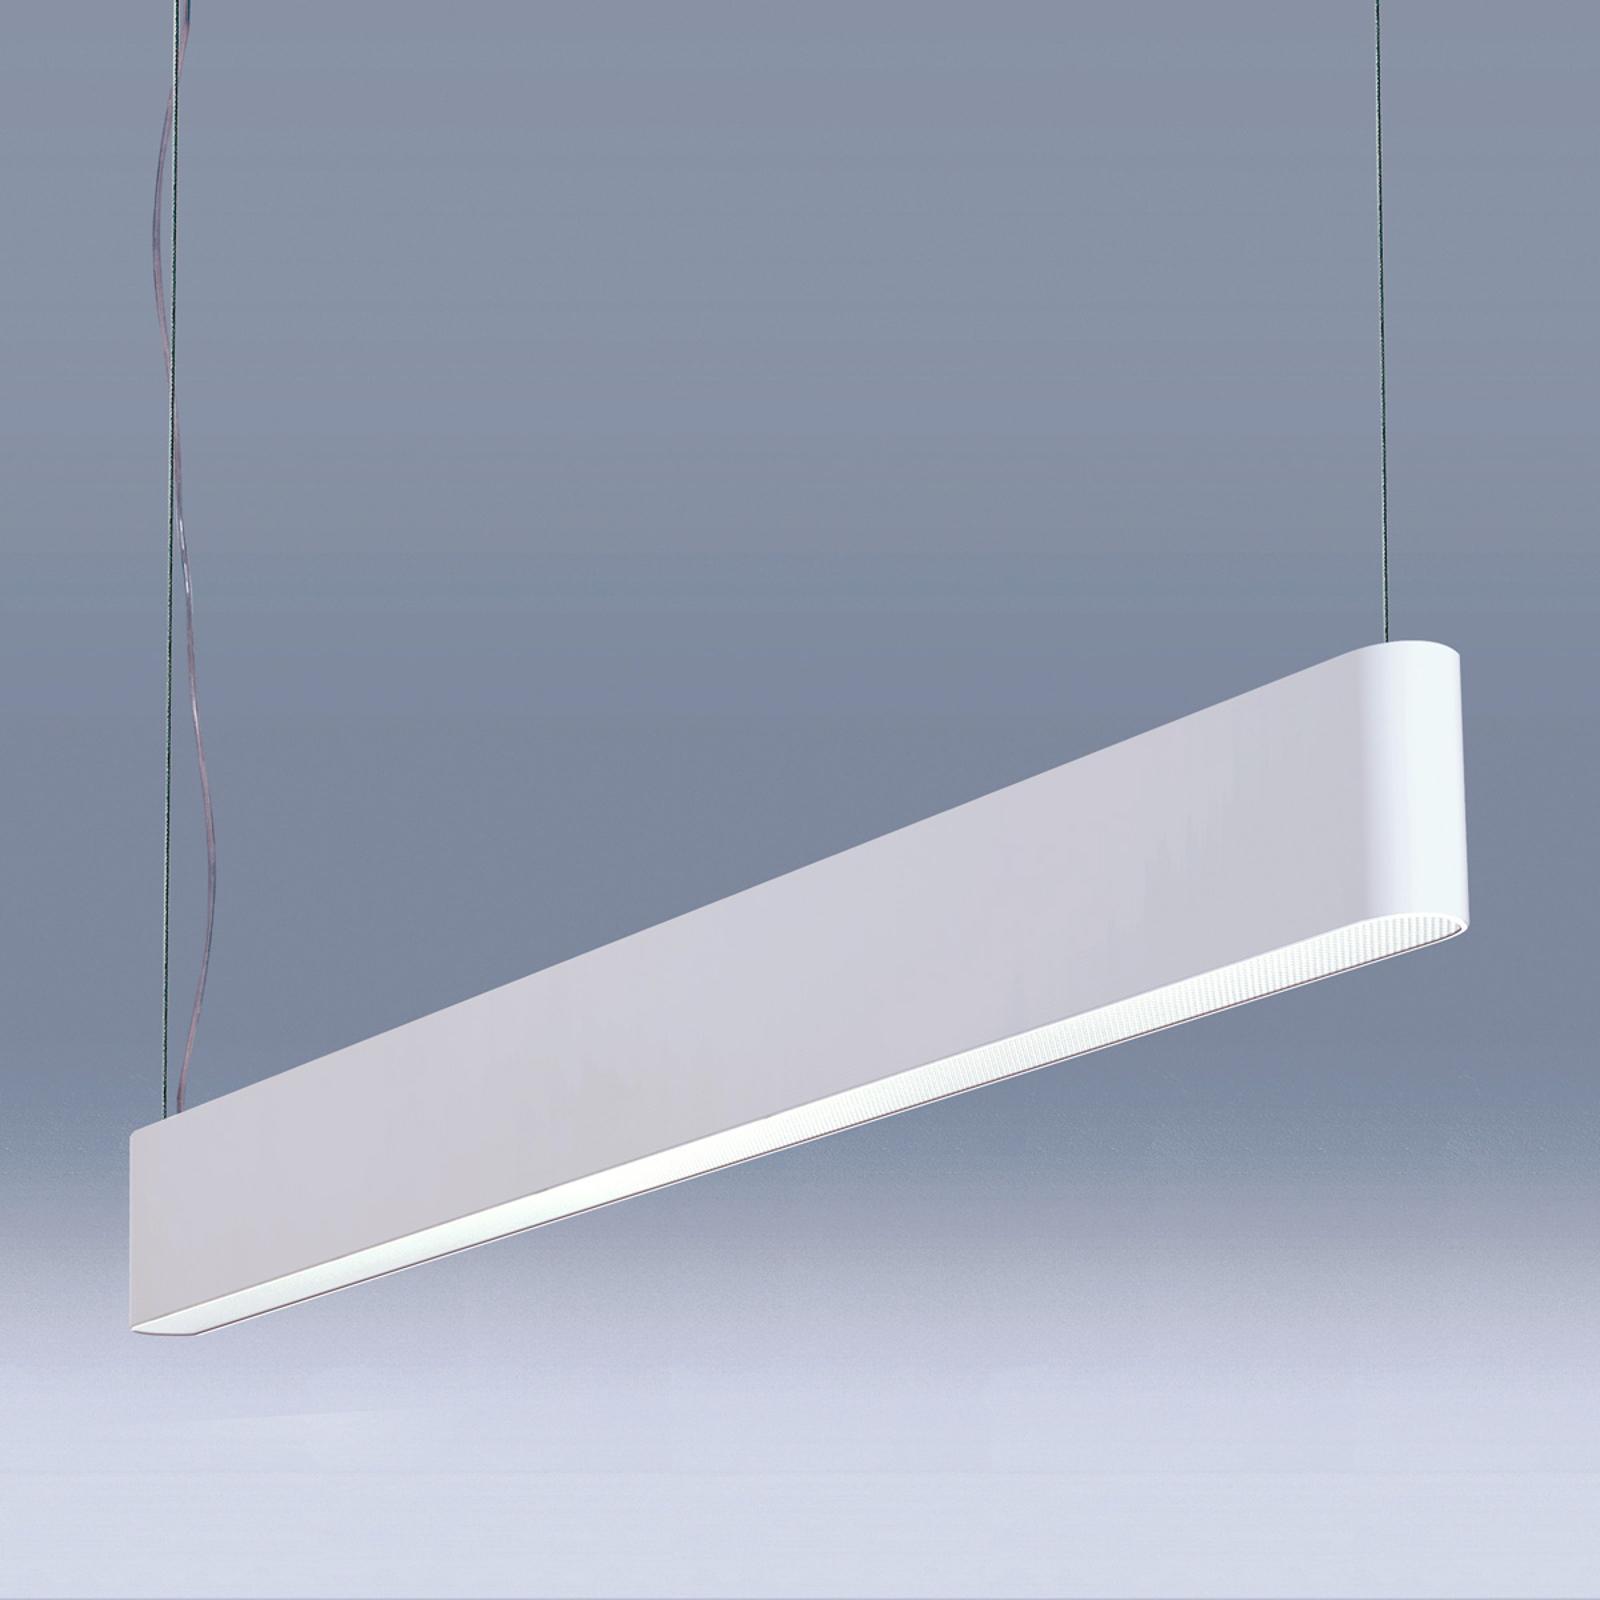 Weiße LED-Hängeleuchte Caleo-P4 - 118,2 cm 62W